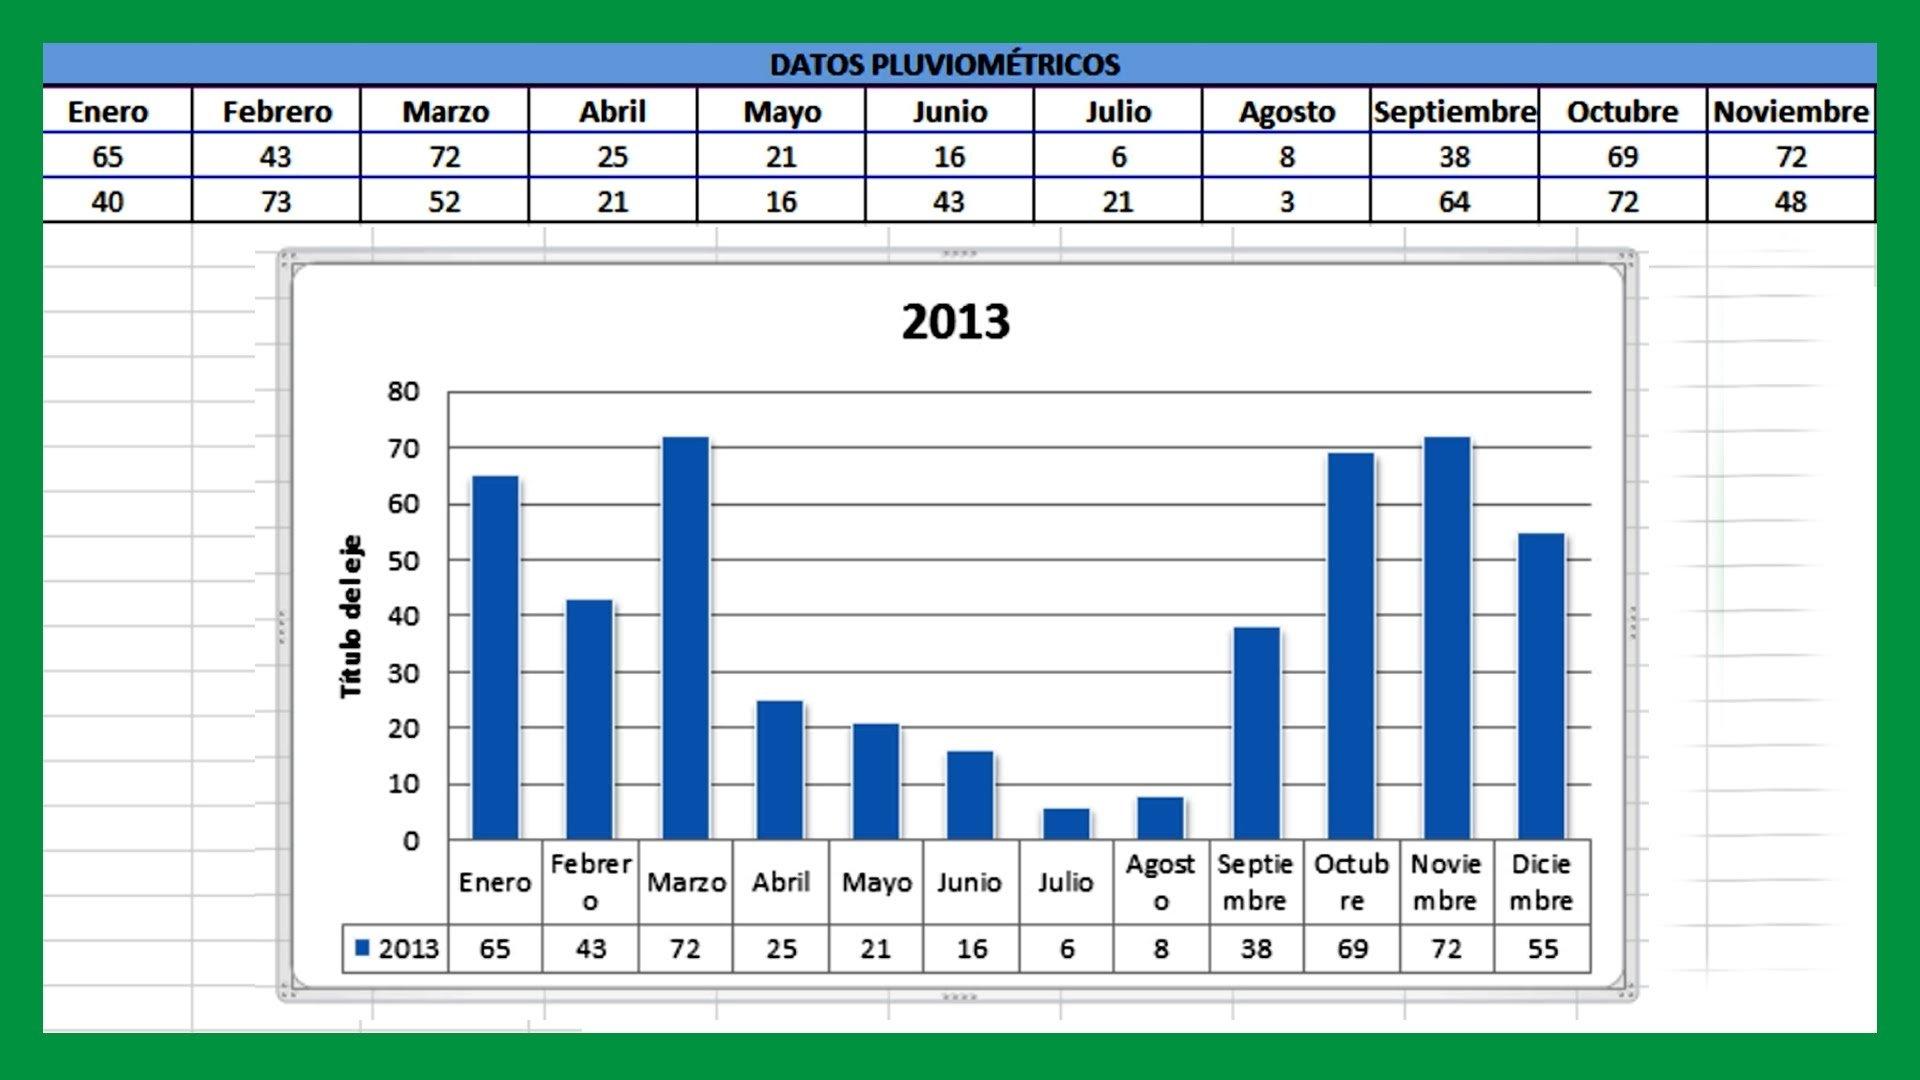 Excel – Crear gráficos estadísticos. Introducir datos Excel y crear gráficas.